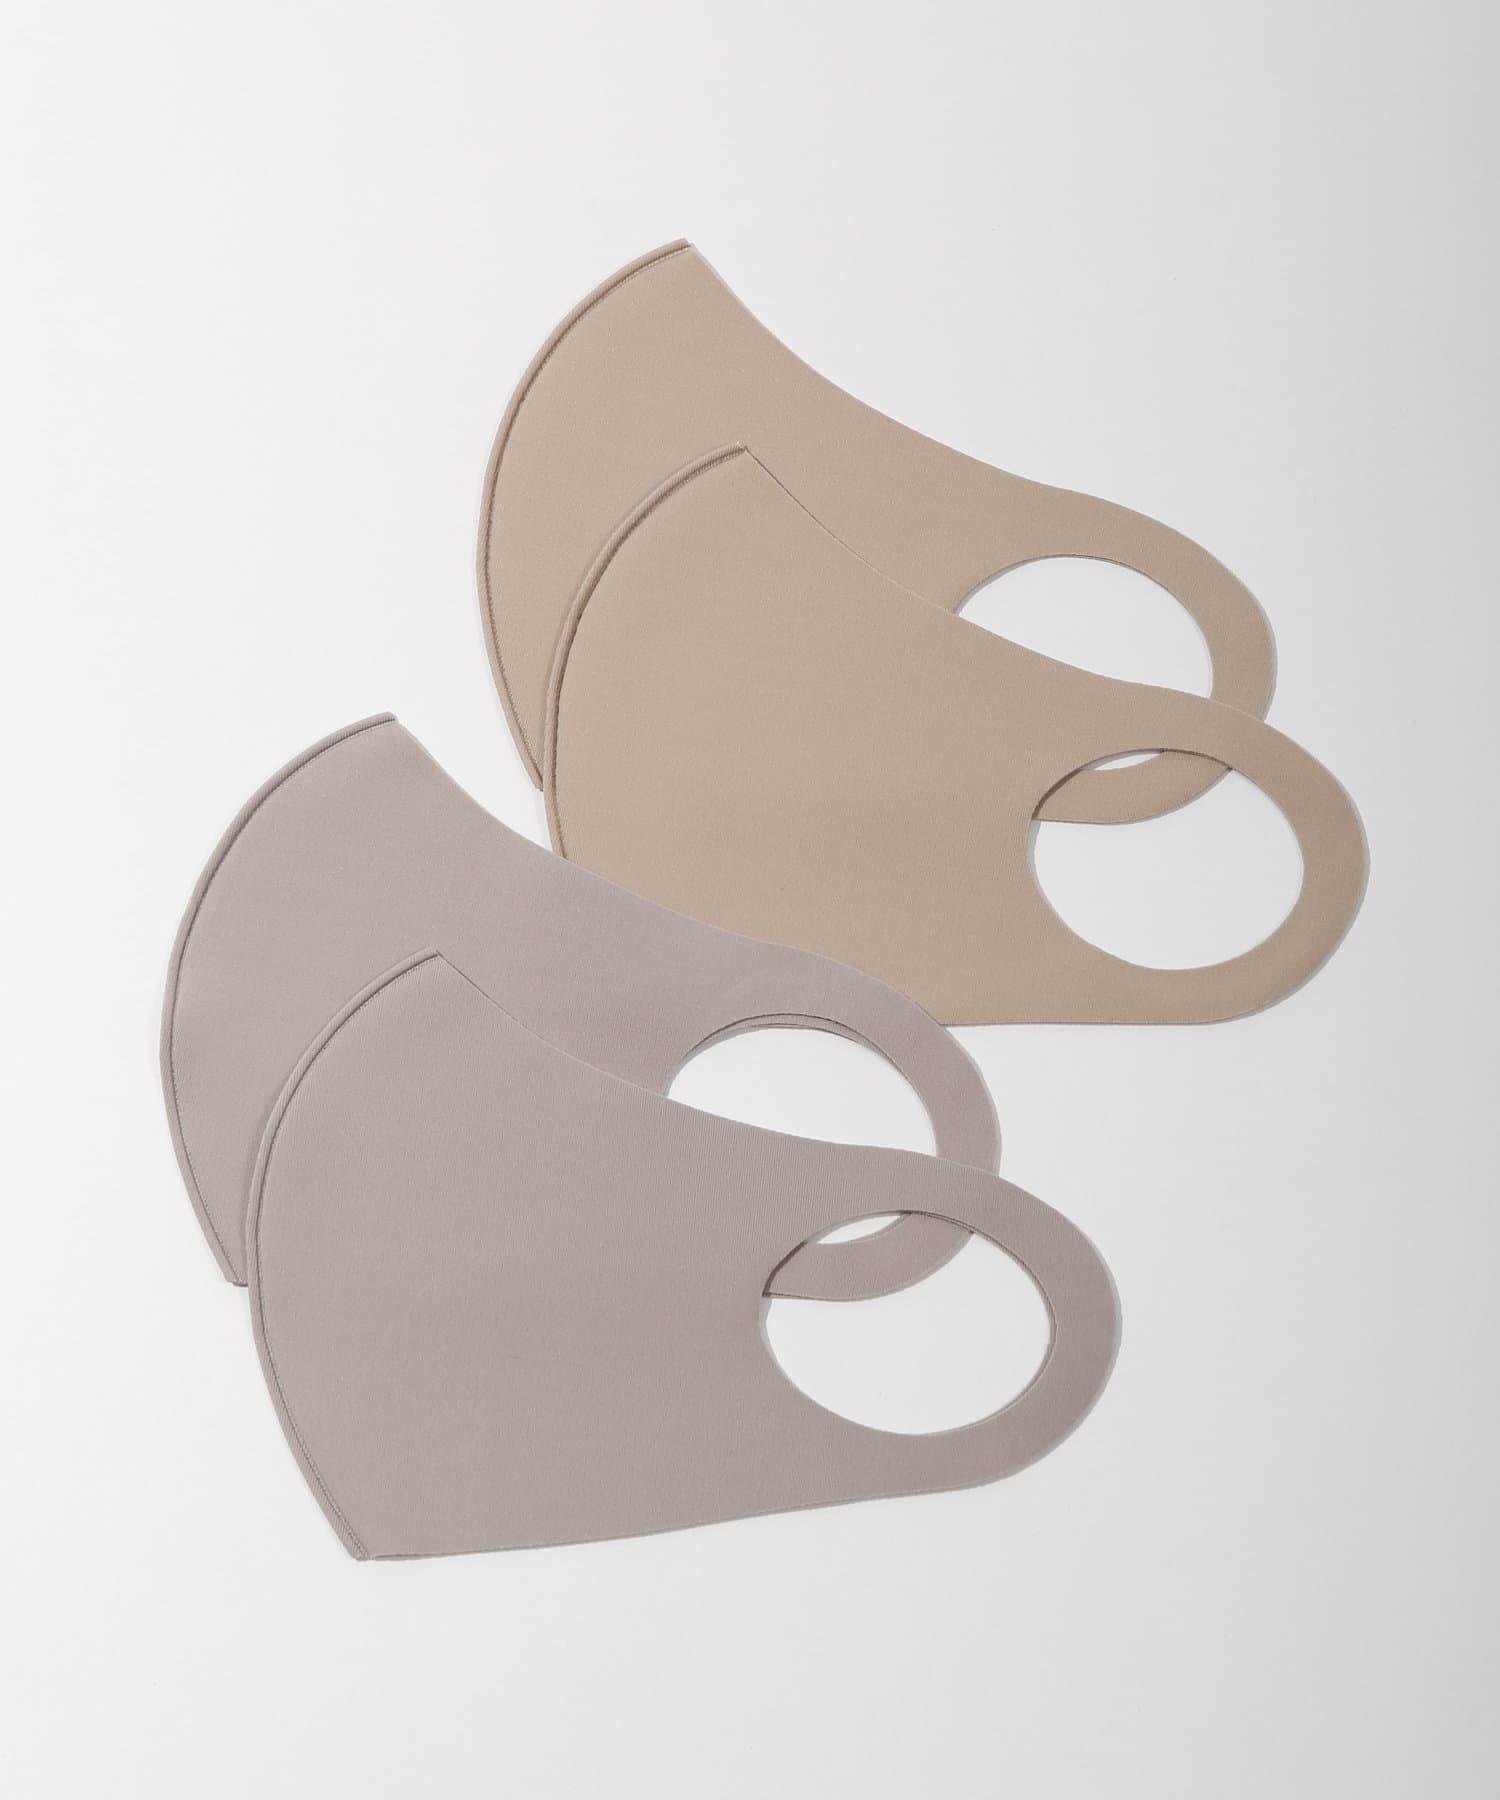 3COINS(スリーコインズ) ライフスタイル 冷感洗えるマスク4枚入【大人用】 その他